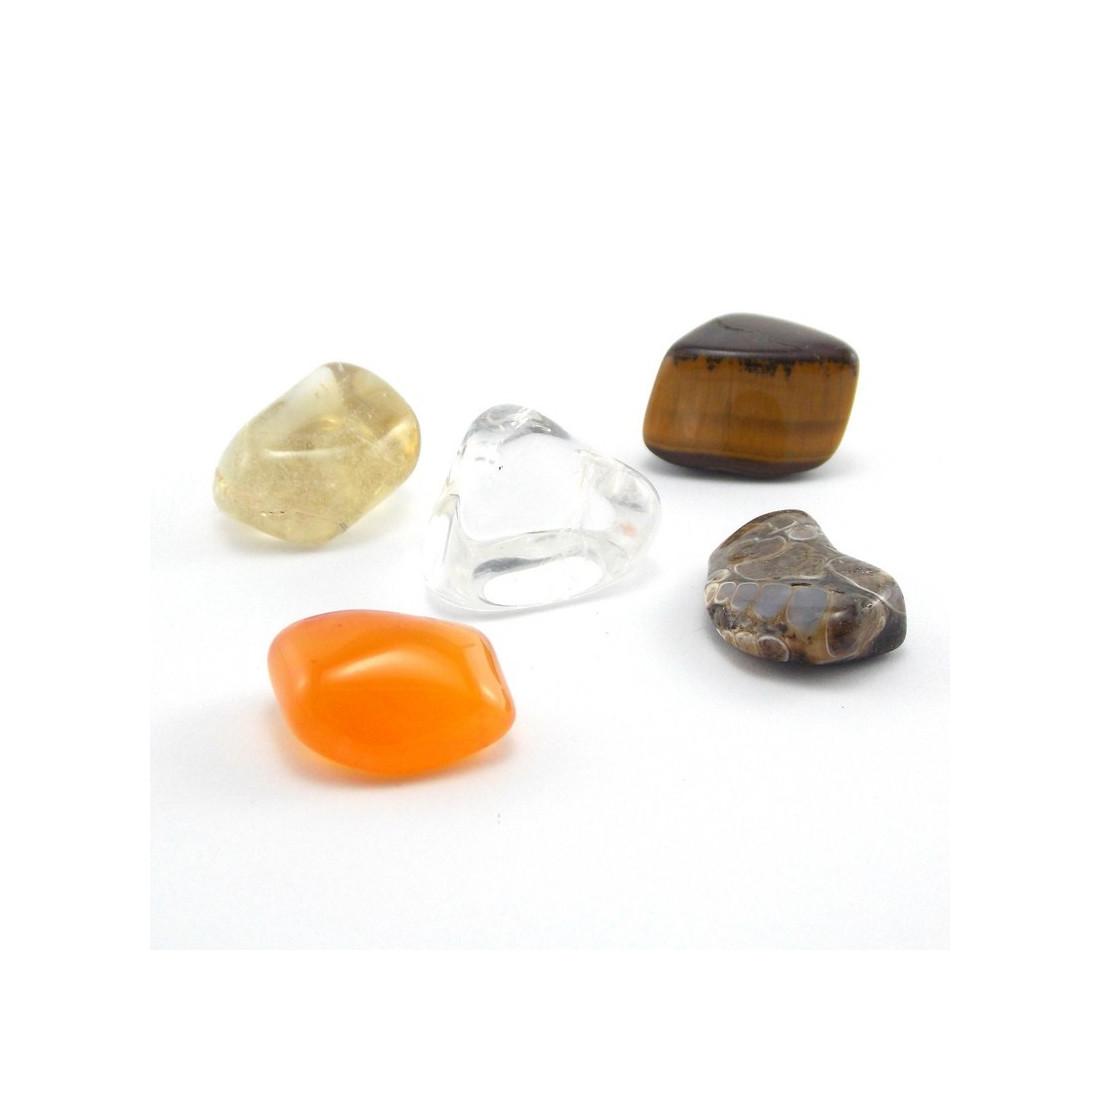 Favoriser La Chance pierres favorisant la chance et la réussite - bio mineral energy